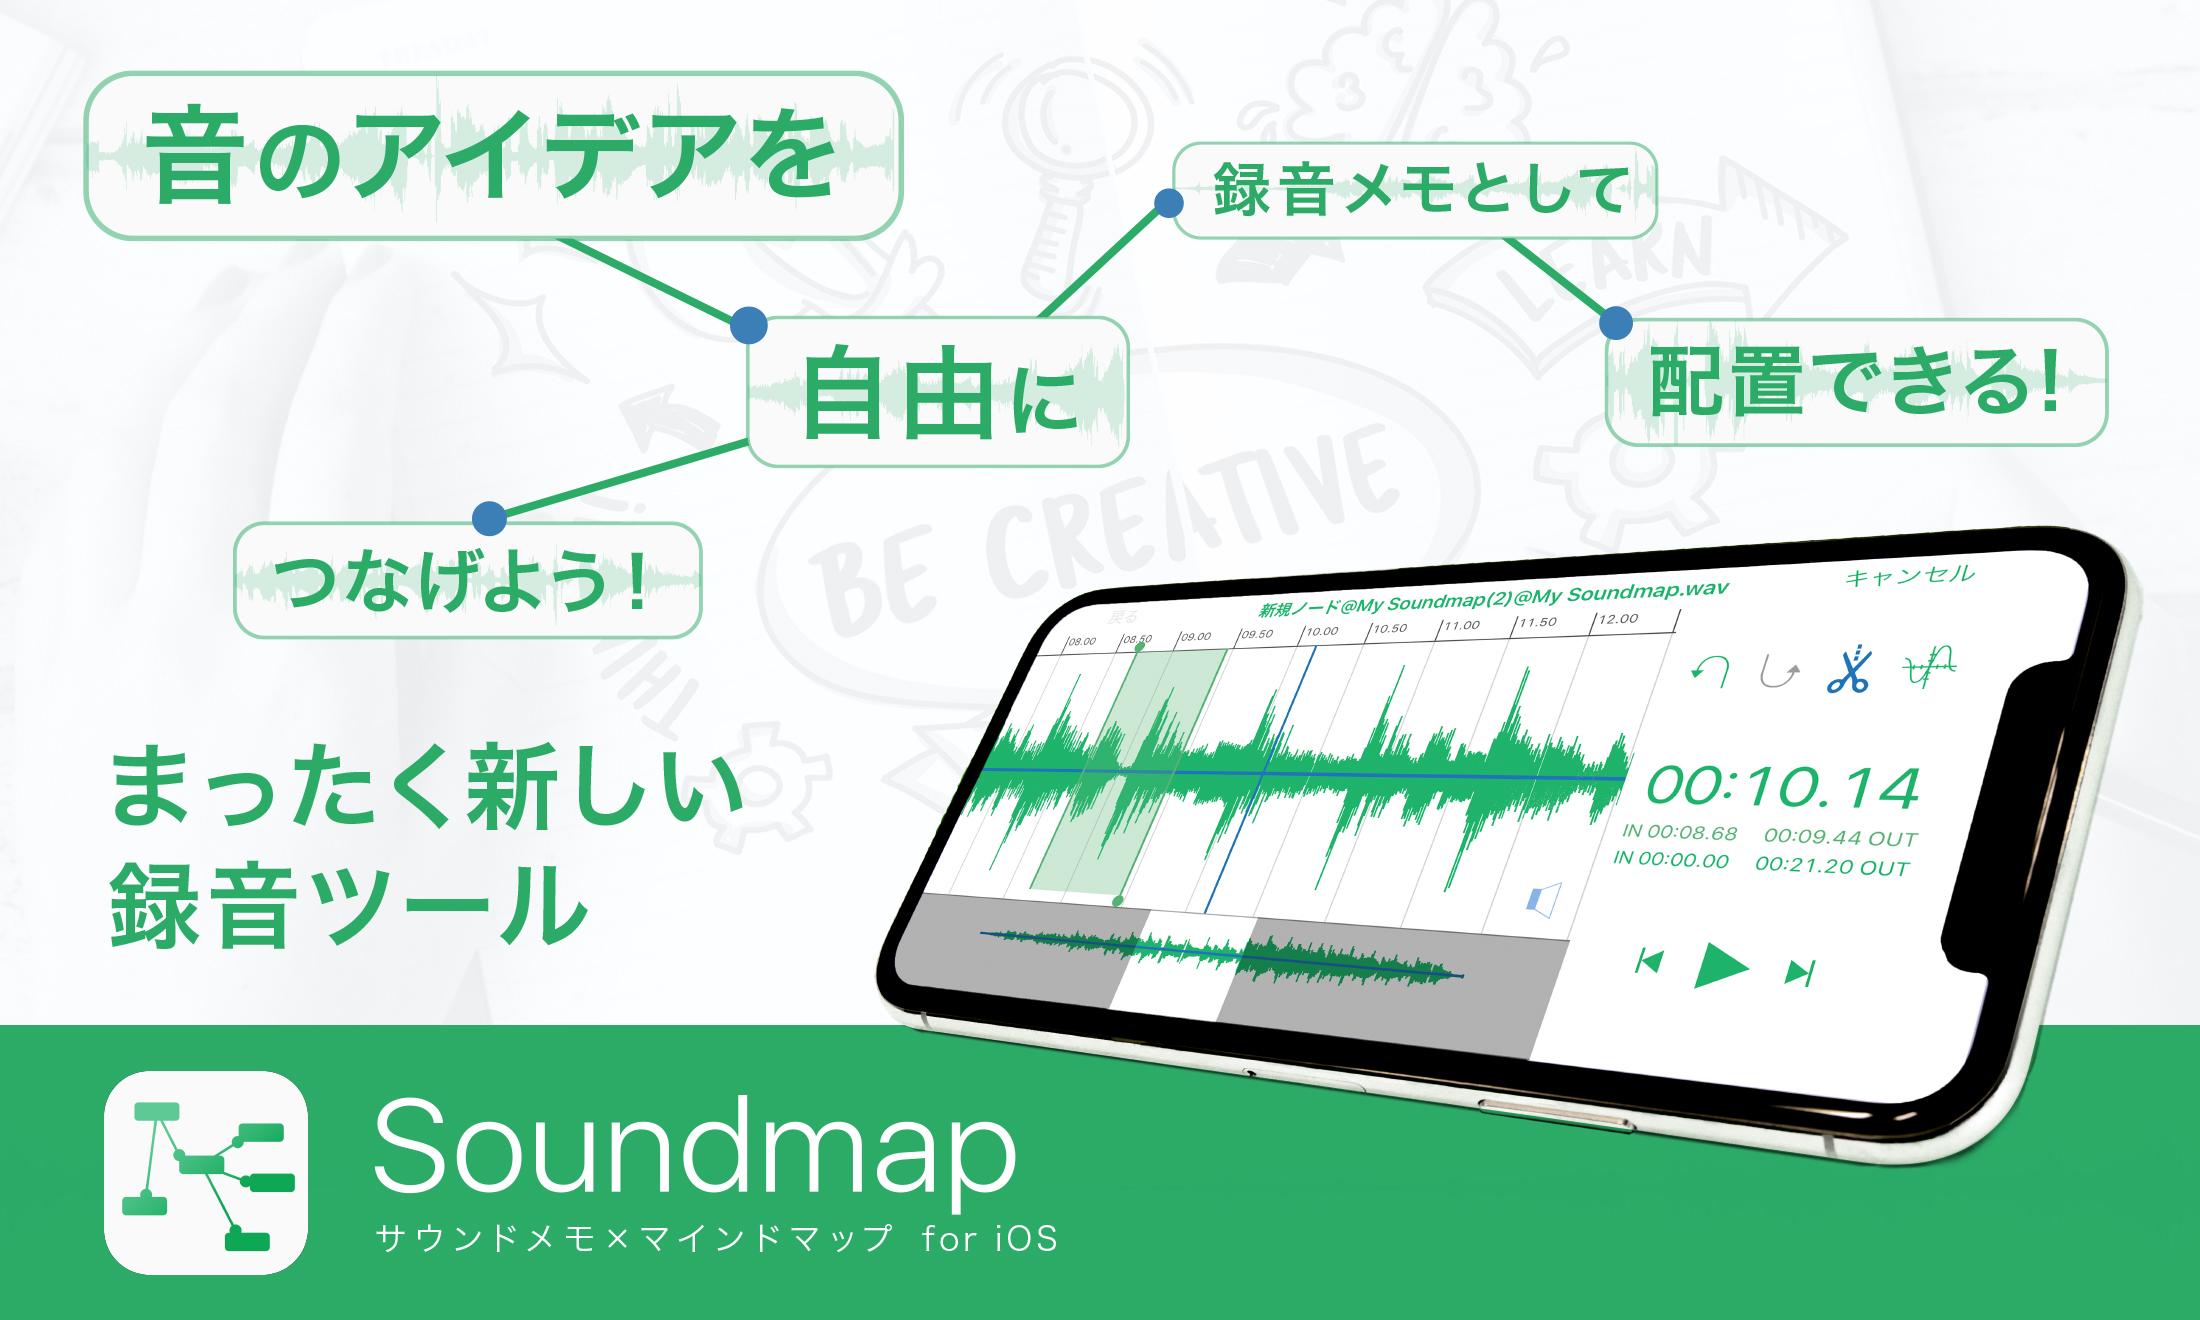 楽曲制作がもっと身近に!|アイディアをマッピングする『Soundmap』